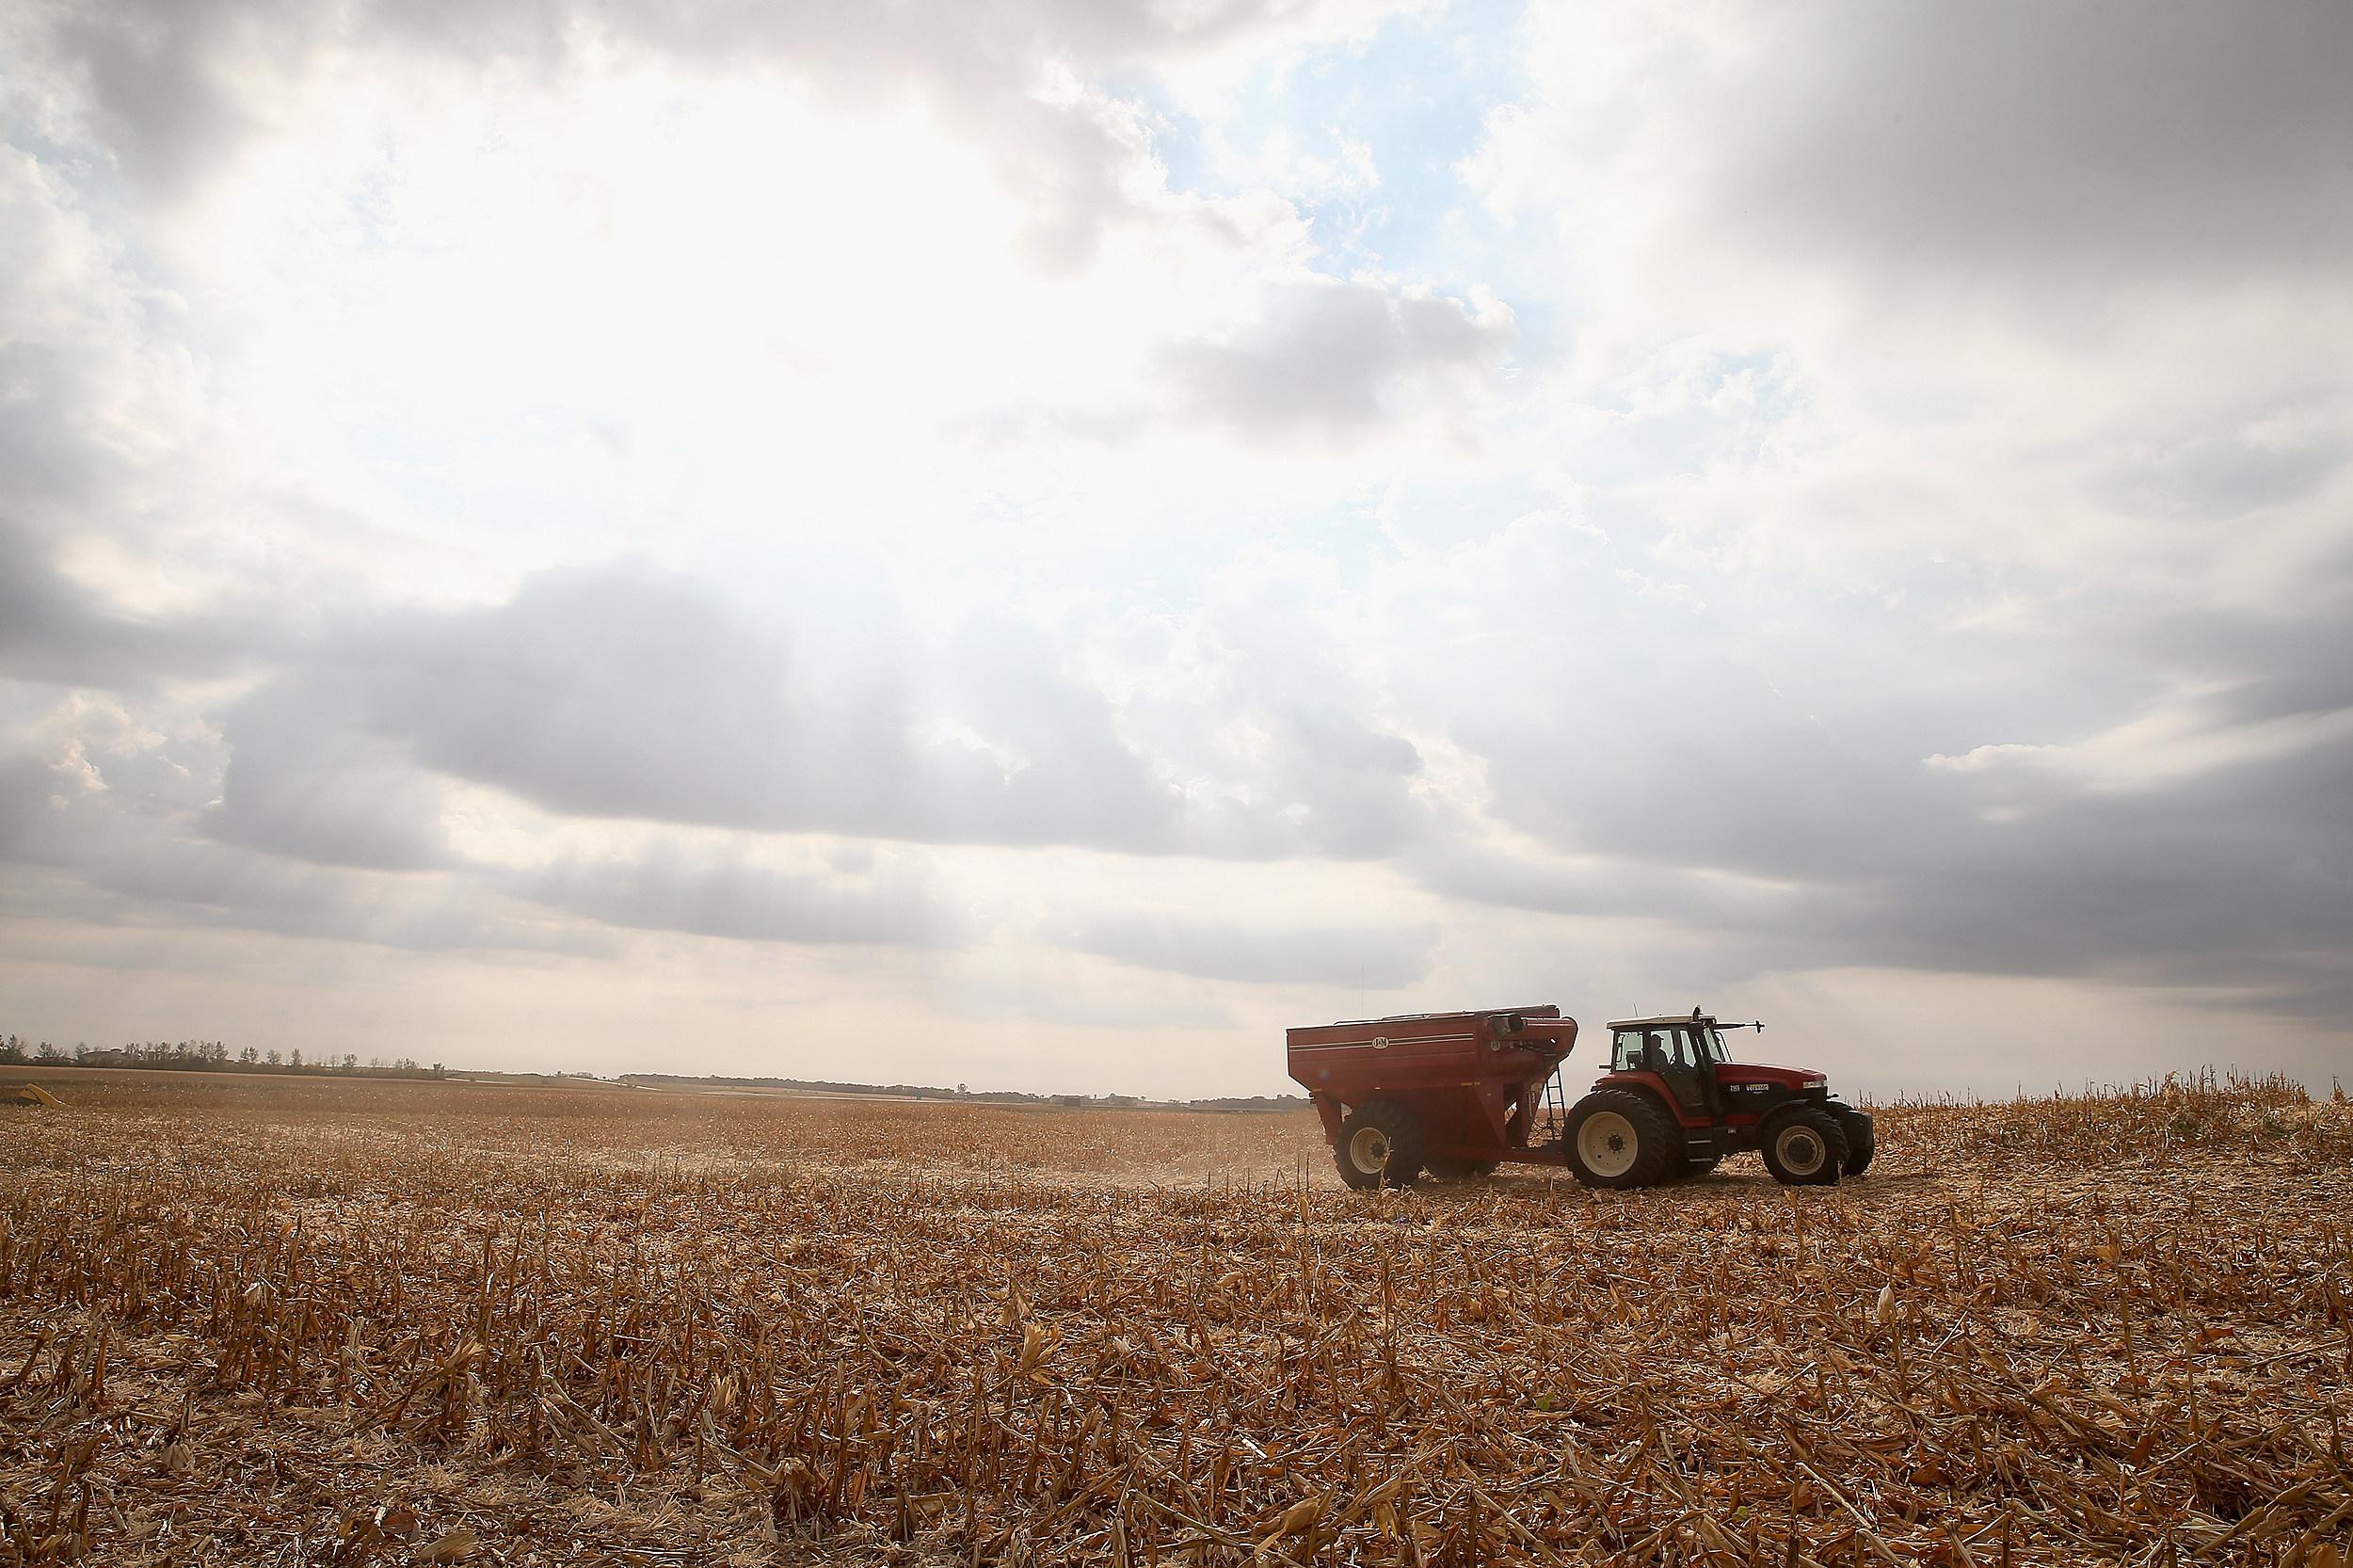 Farming at Harvest